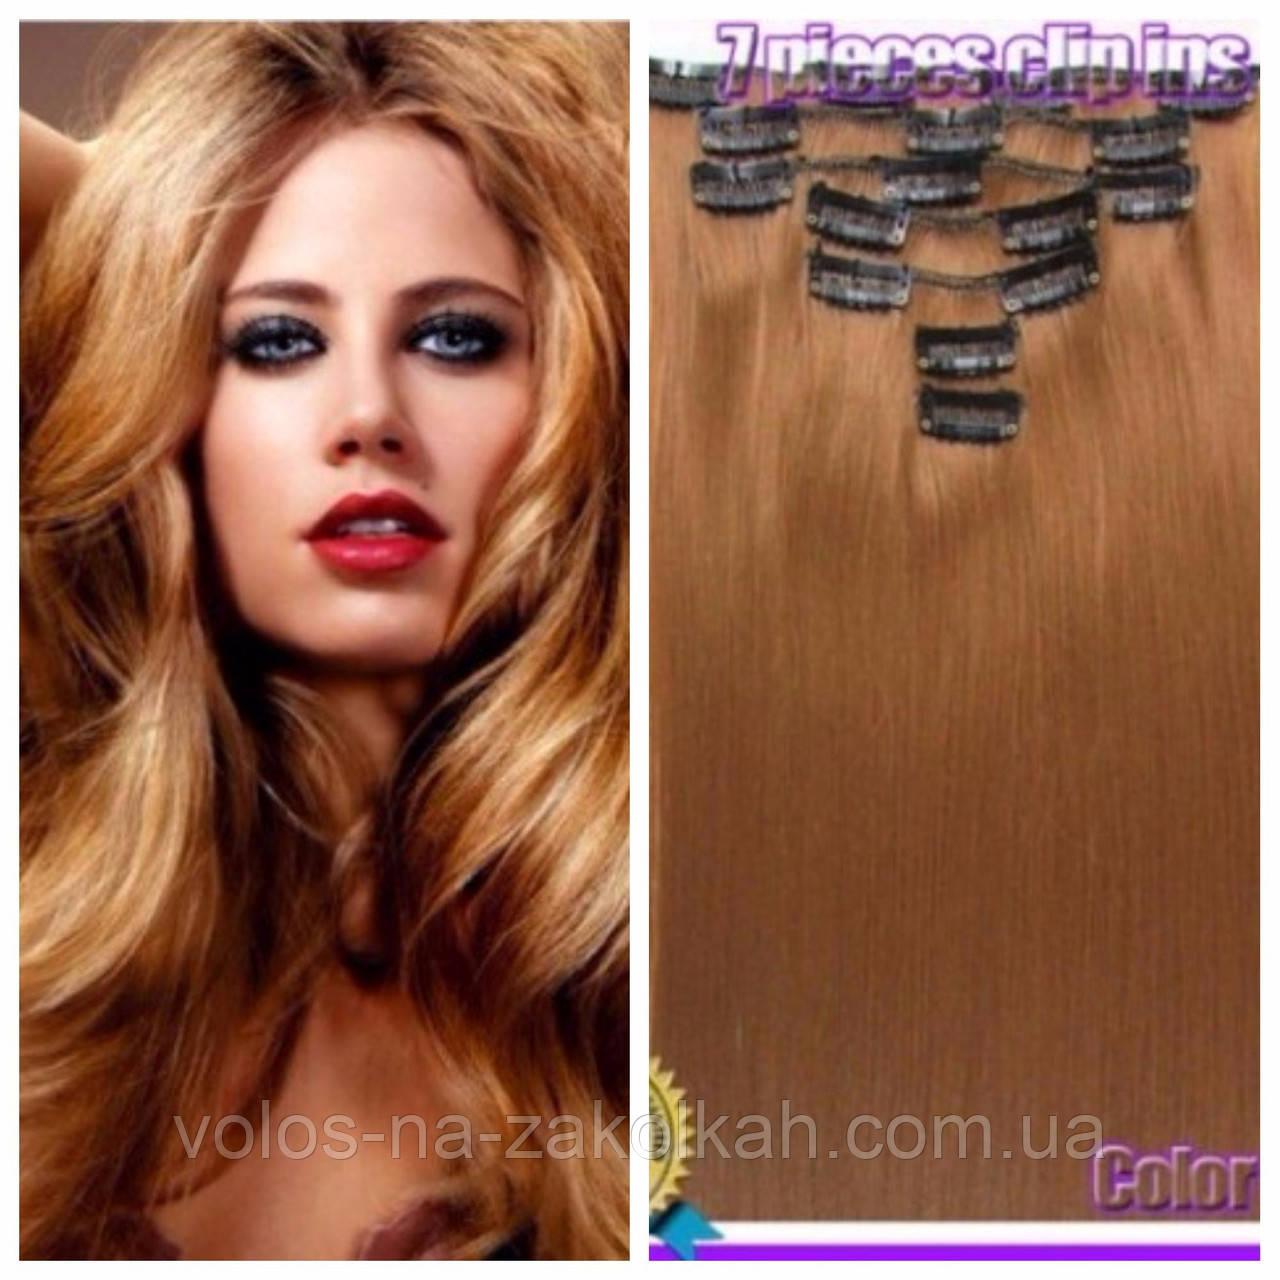 Волосы на заколках цвет №6А светло-золотой